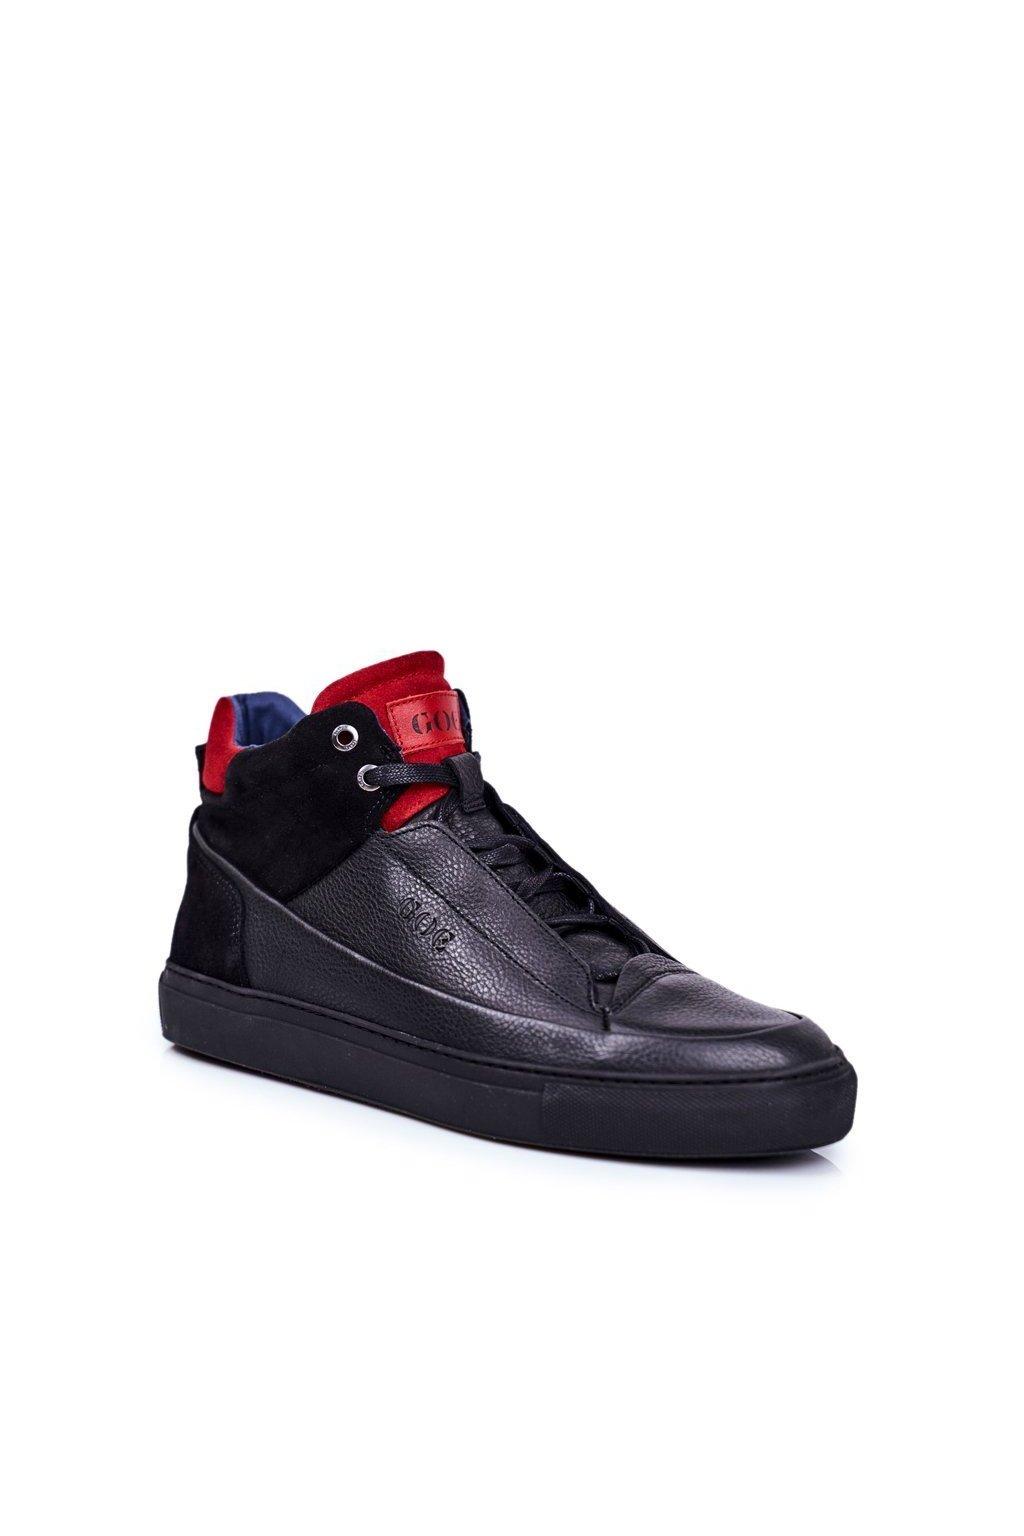 Čierna obuv kód topánok GG1N3114 BLK